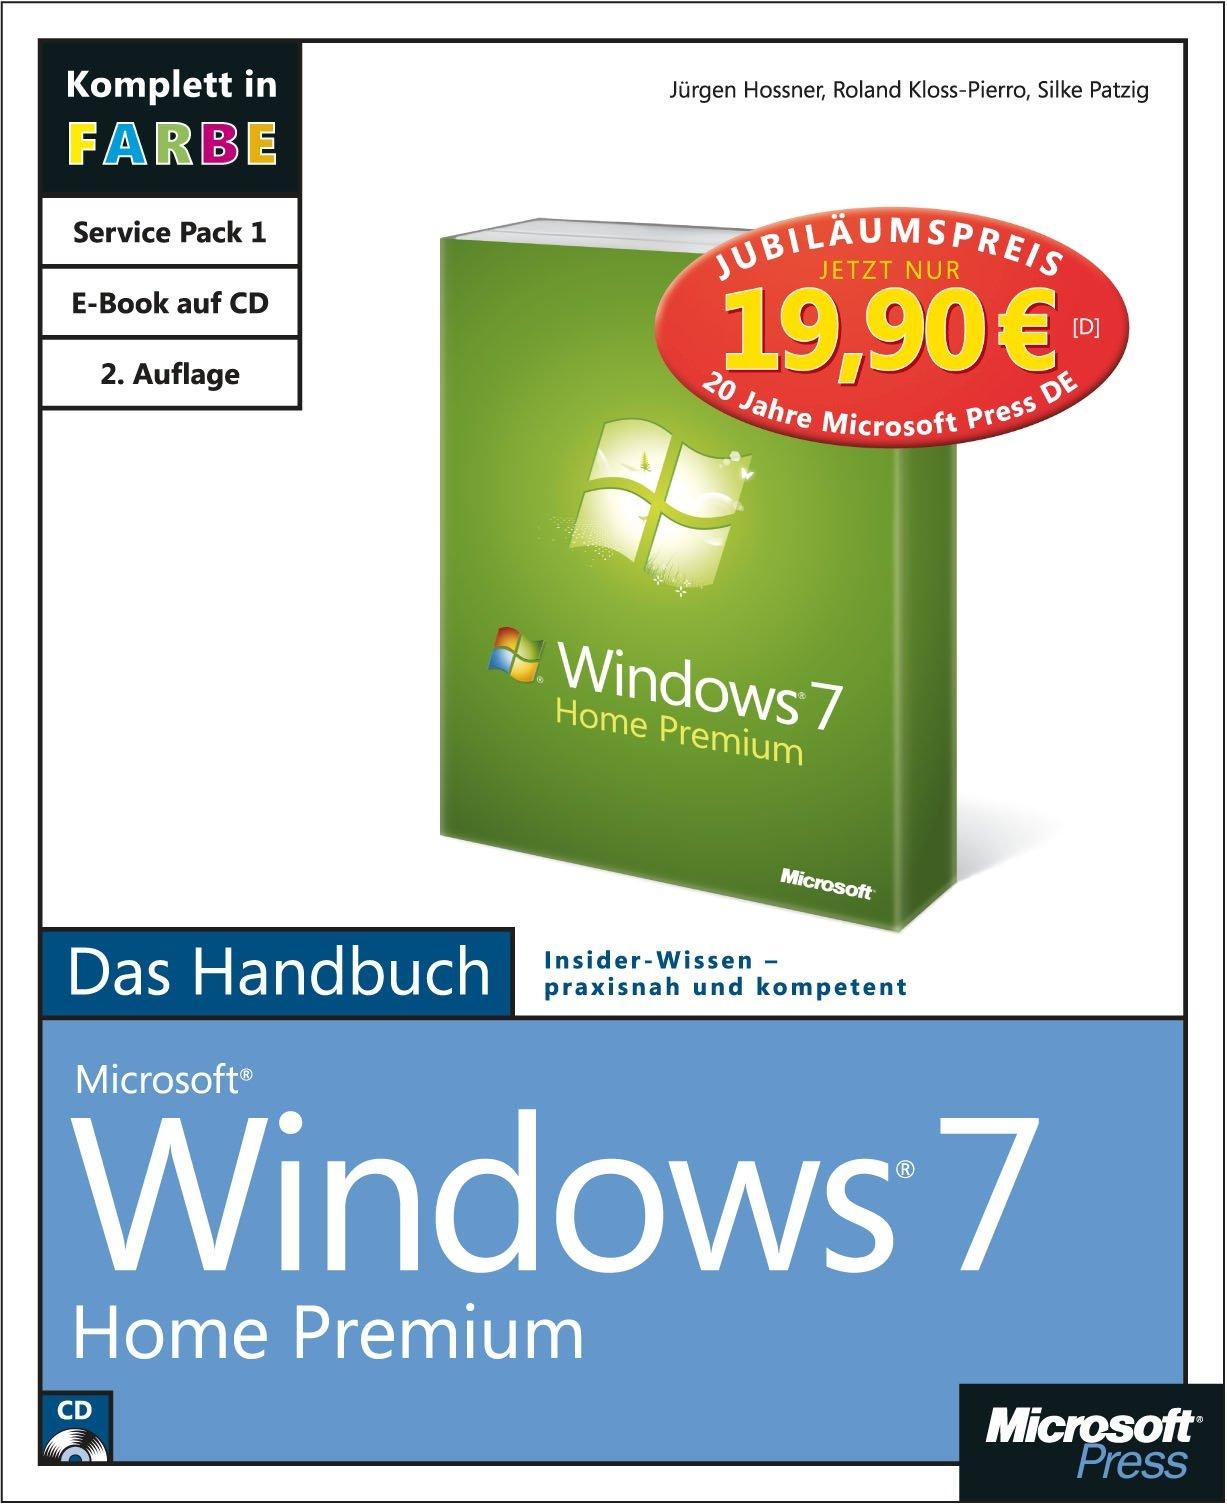 Microsoft Windows 7 Home Premium - Das Handbuch, 2. aktualisierte Auflage - Jubiläumsausgabe zum Sonderpreis